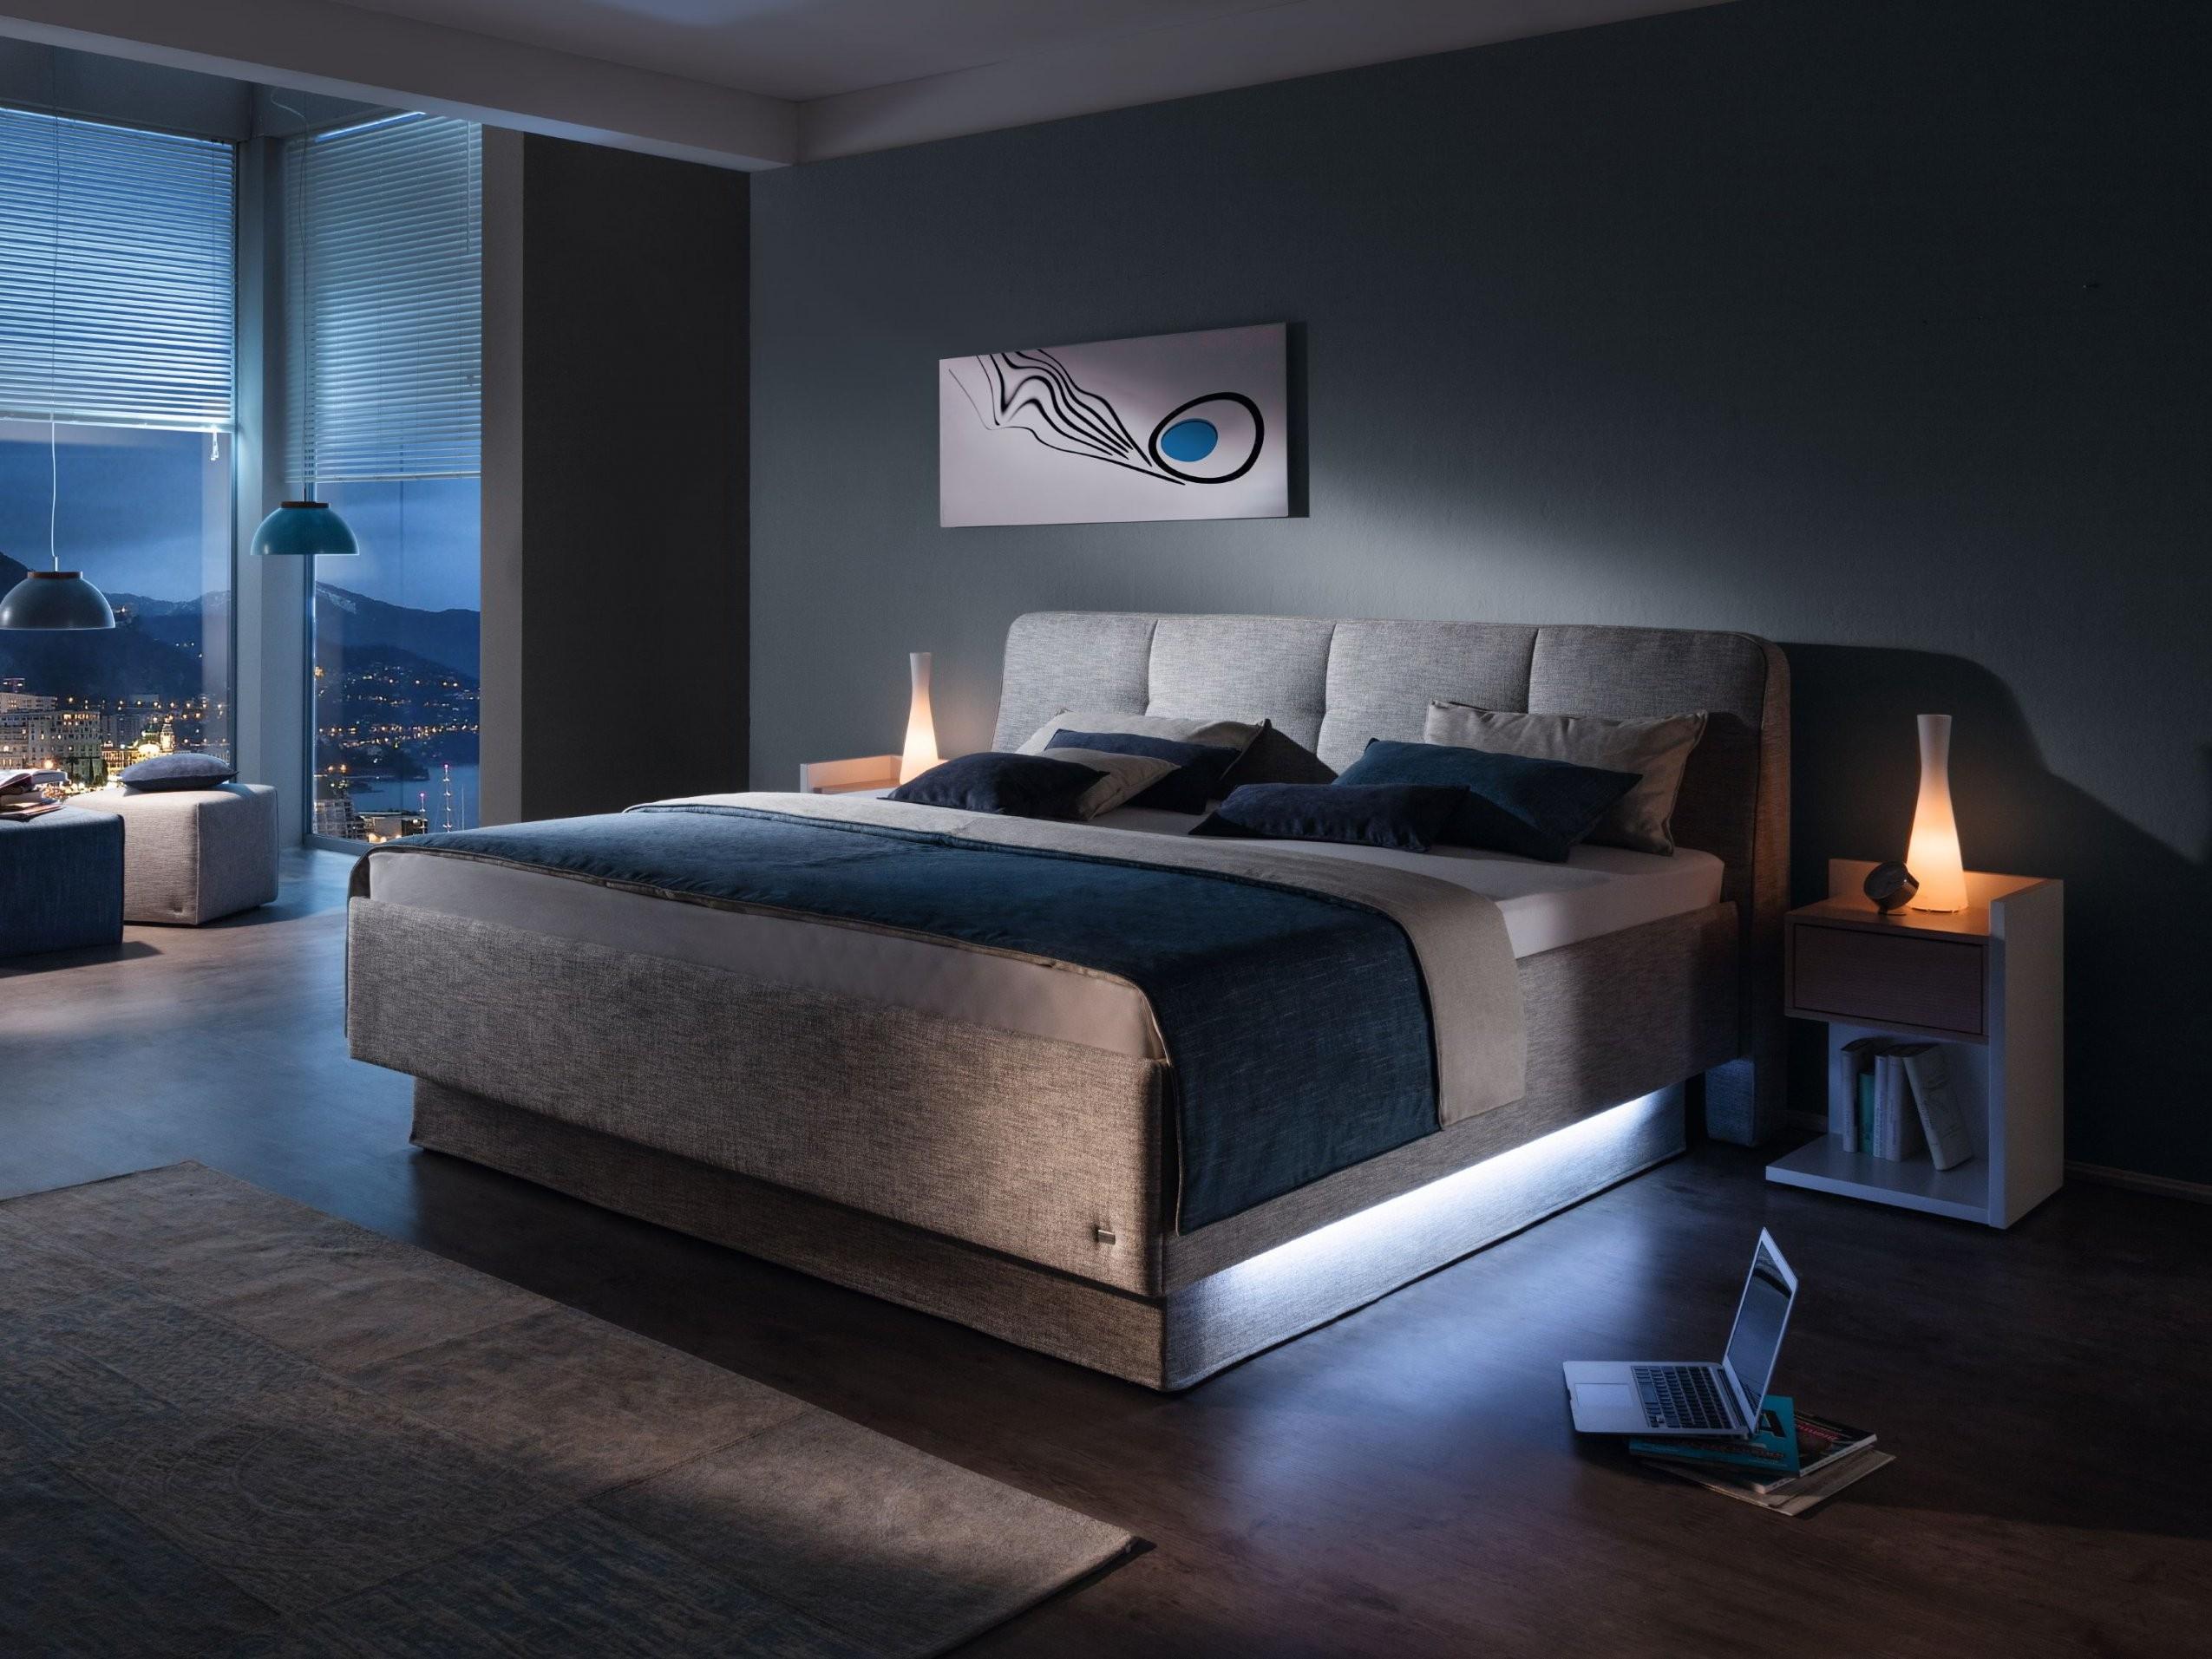 Polsterbett Composium In Grau Stoff Von Ruf Betten Und Schlafzimmer von Ruf Betten Mit Bettkasten Bild